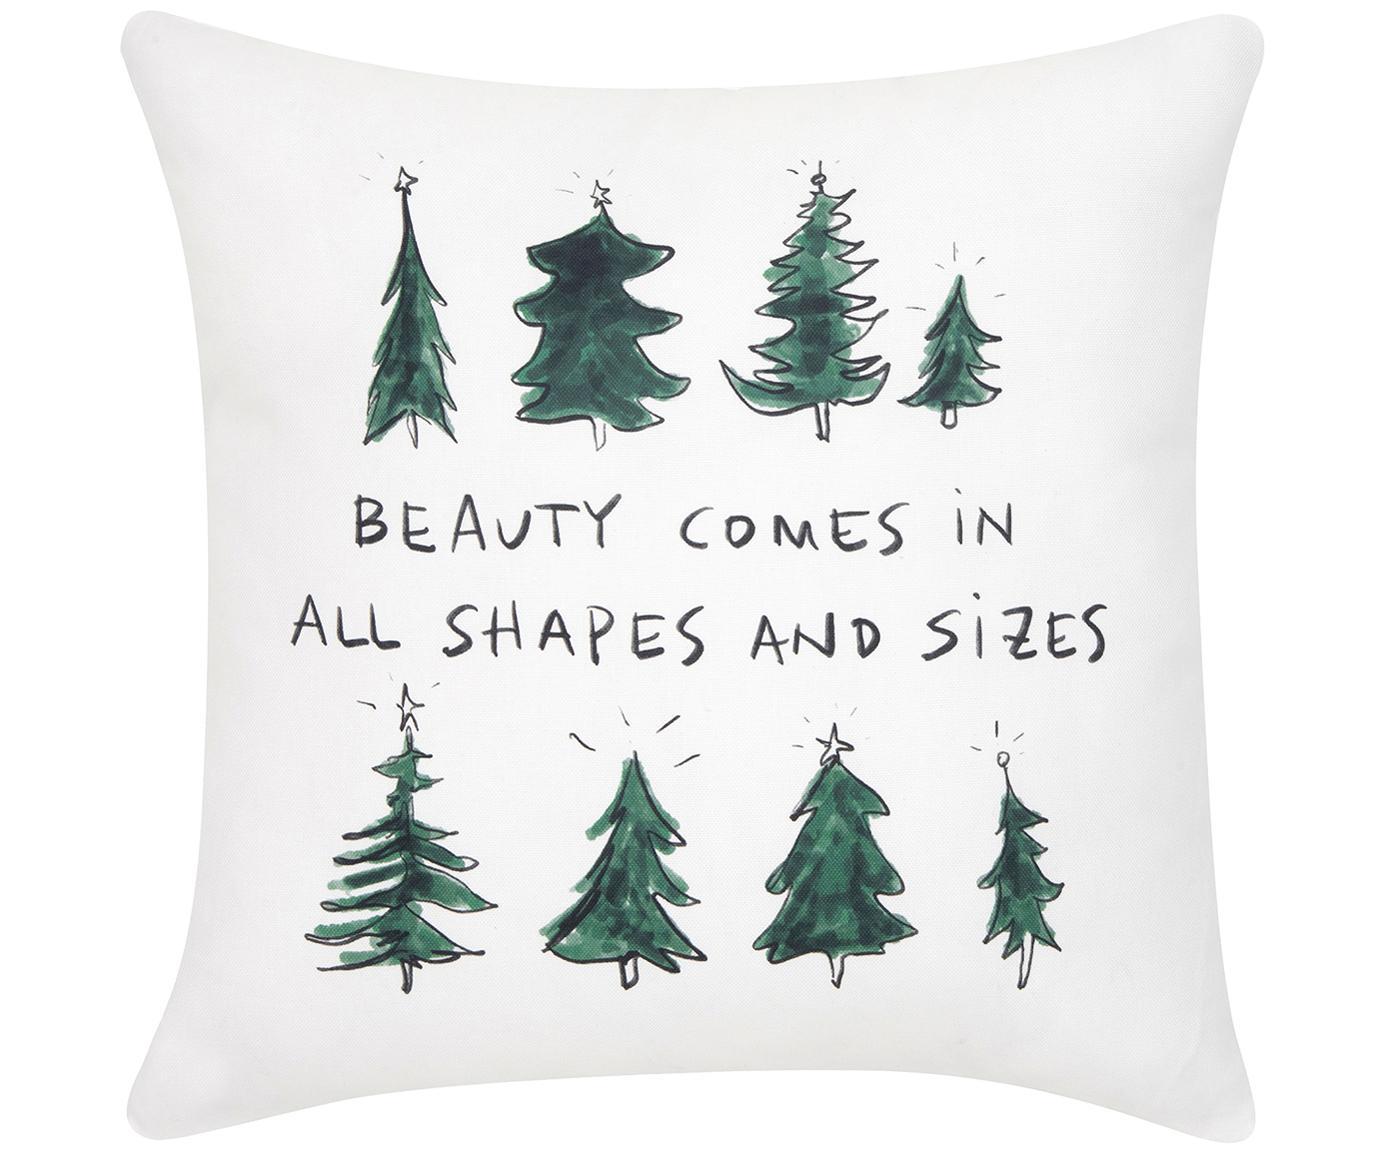 Kissenhülle Beauty mit Aufschrift und Tannenbäumen, Baumwolle, Grün, Schwarz, Cremeweiß, 40 x 40 cm